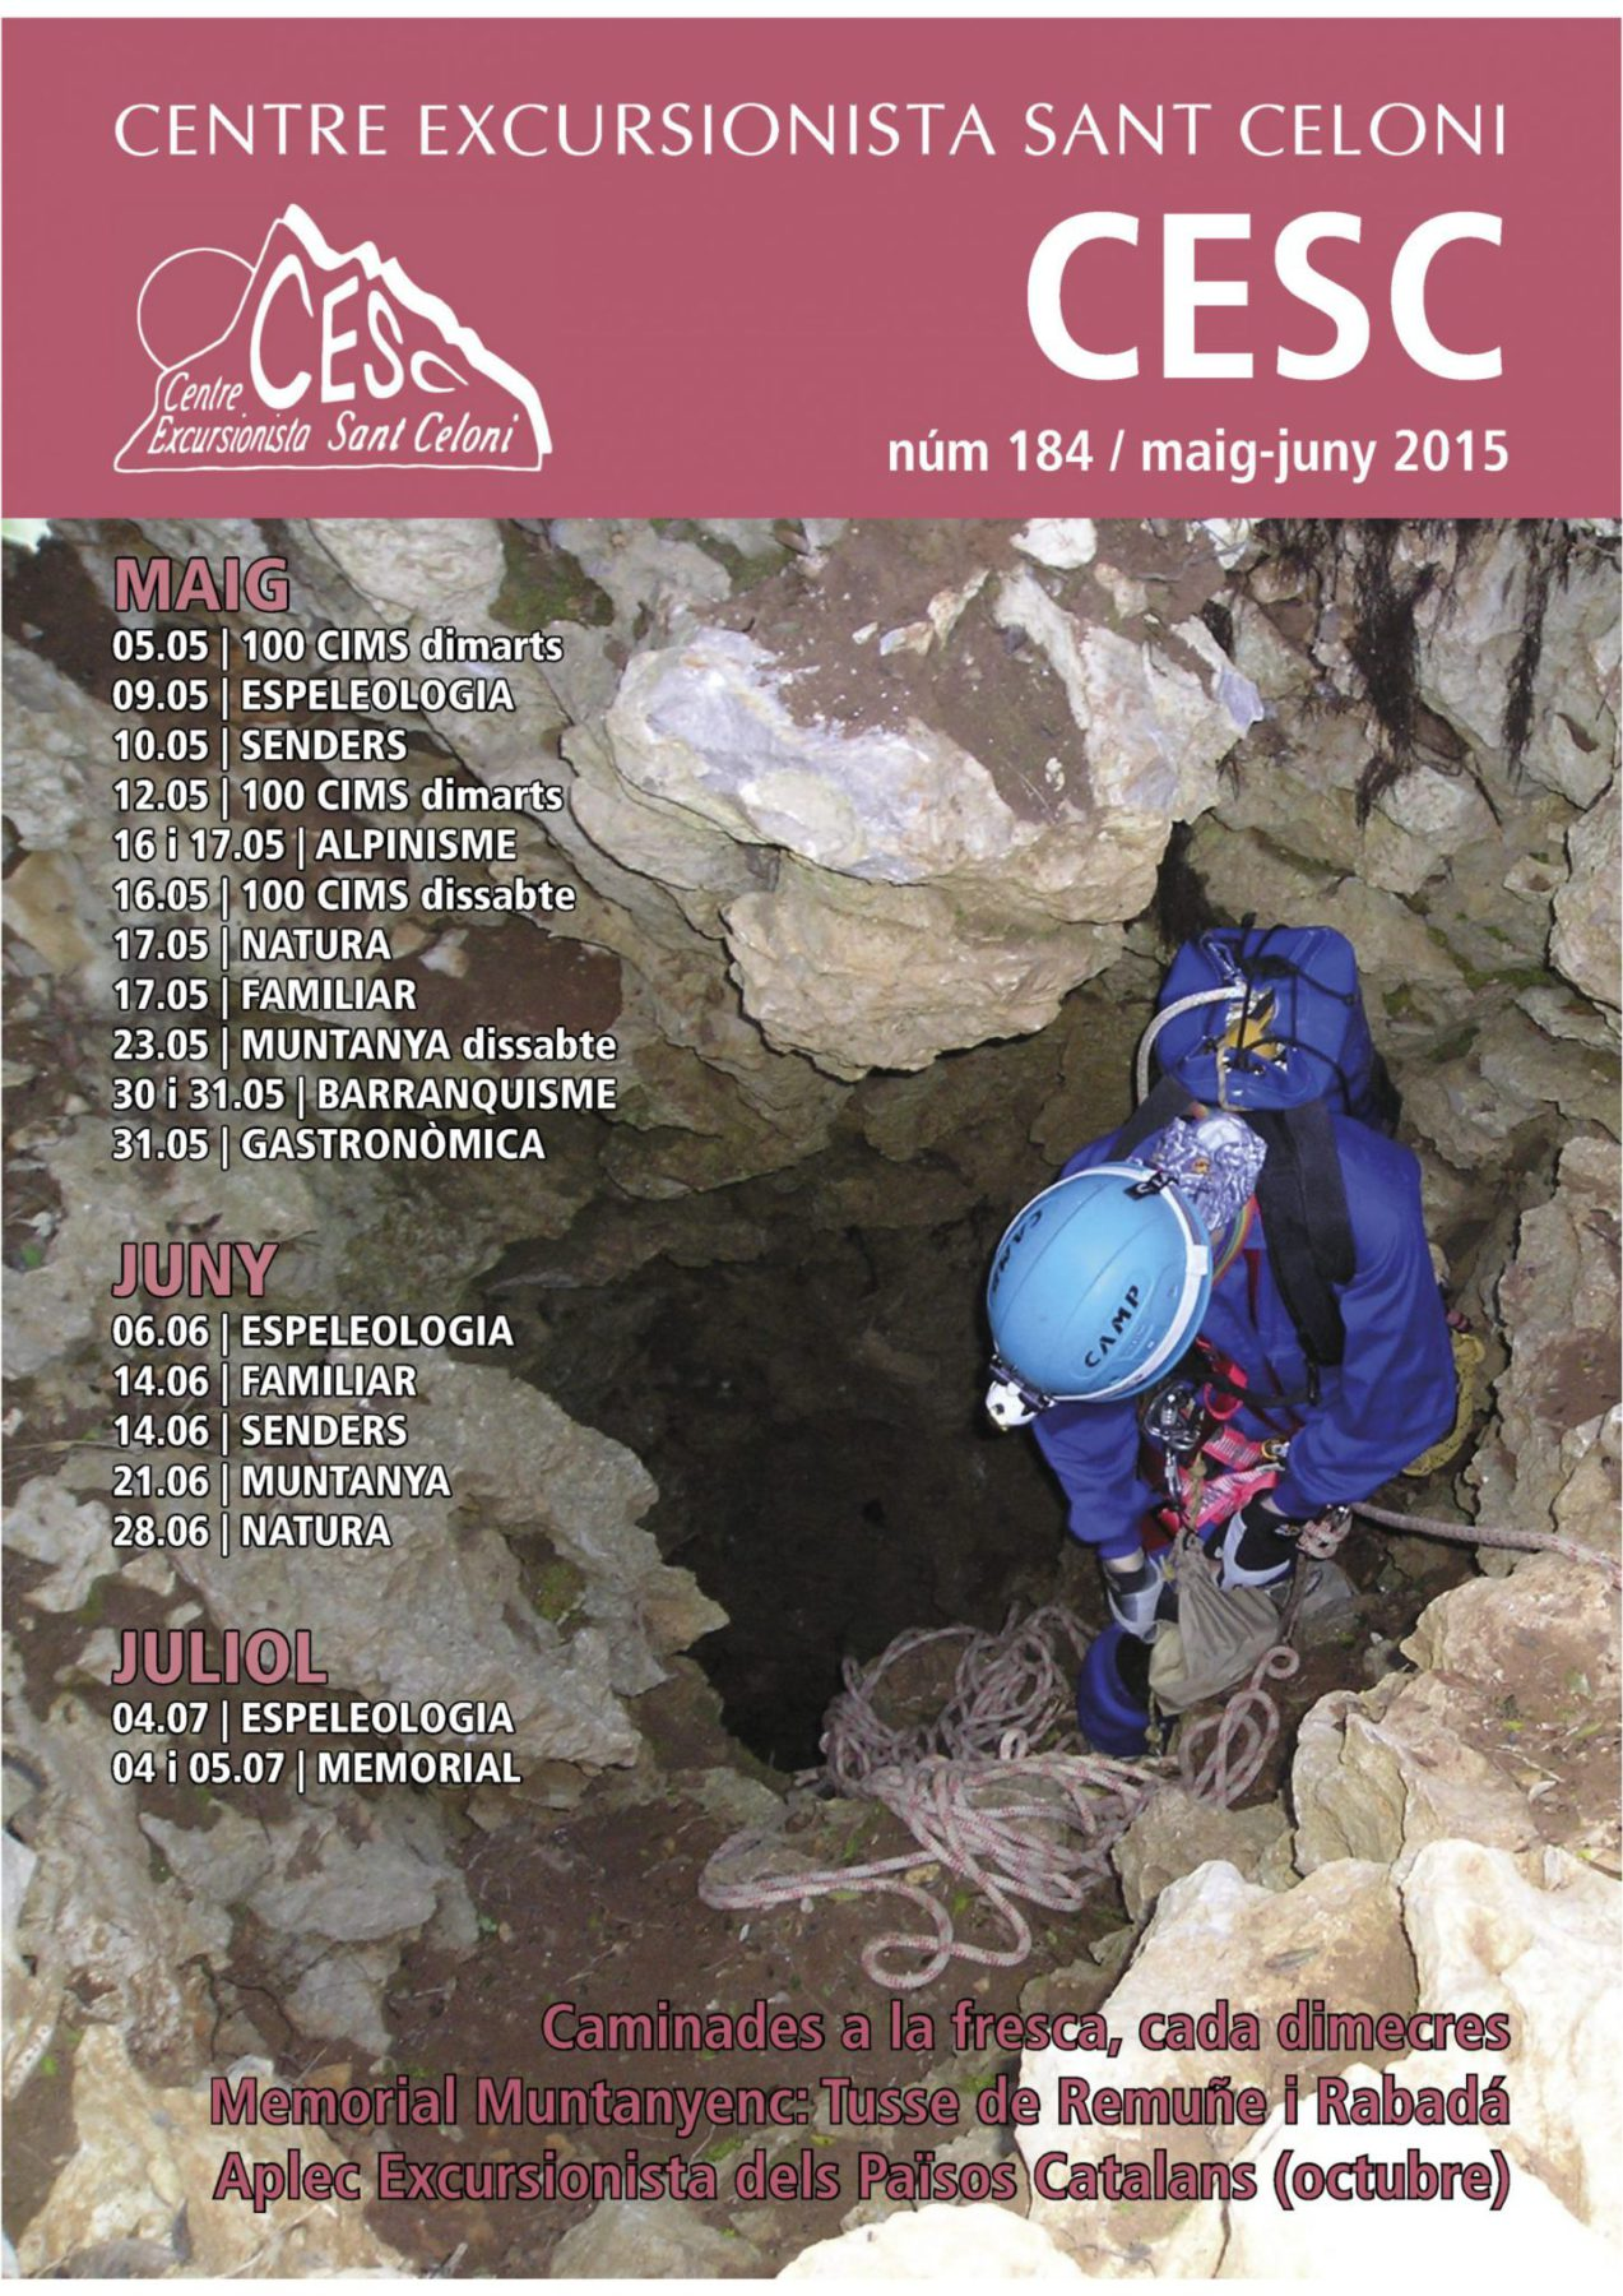 CESC184-1505-06